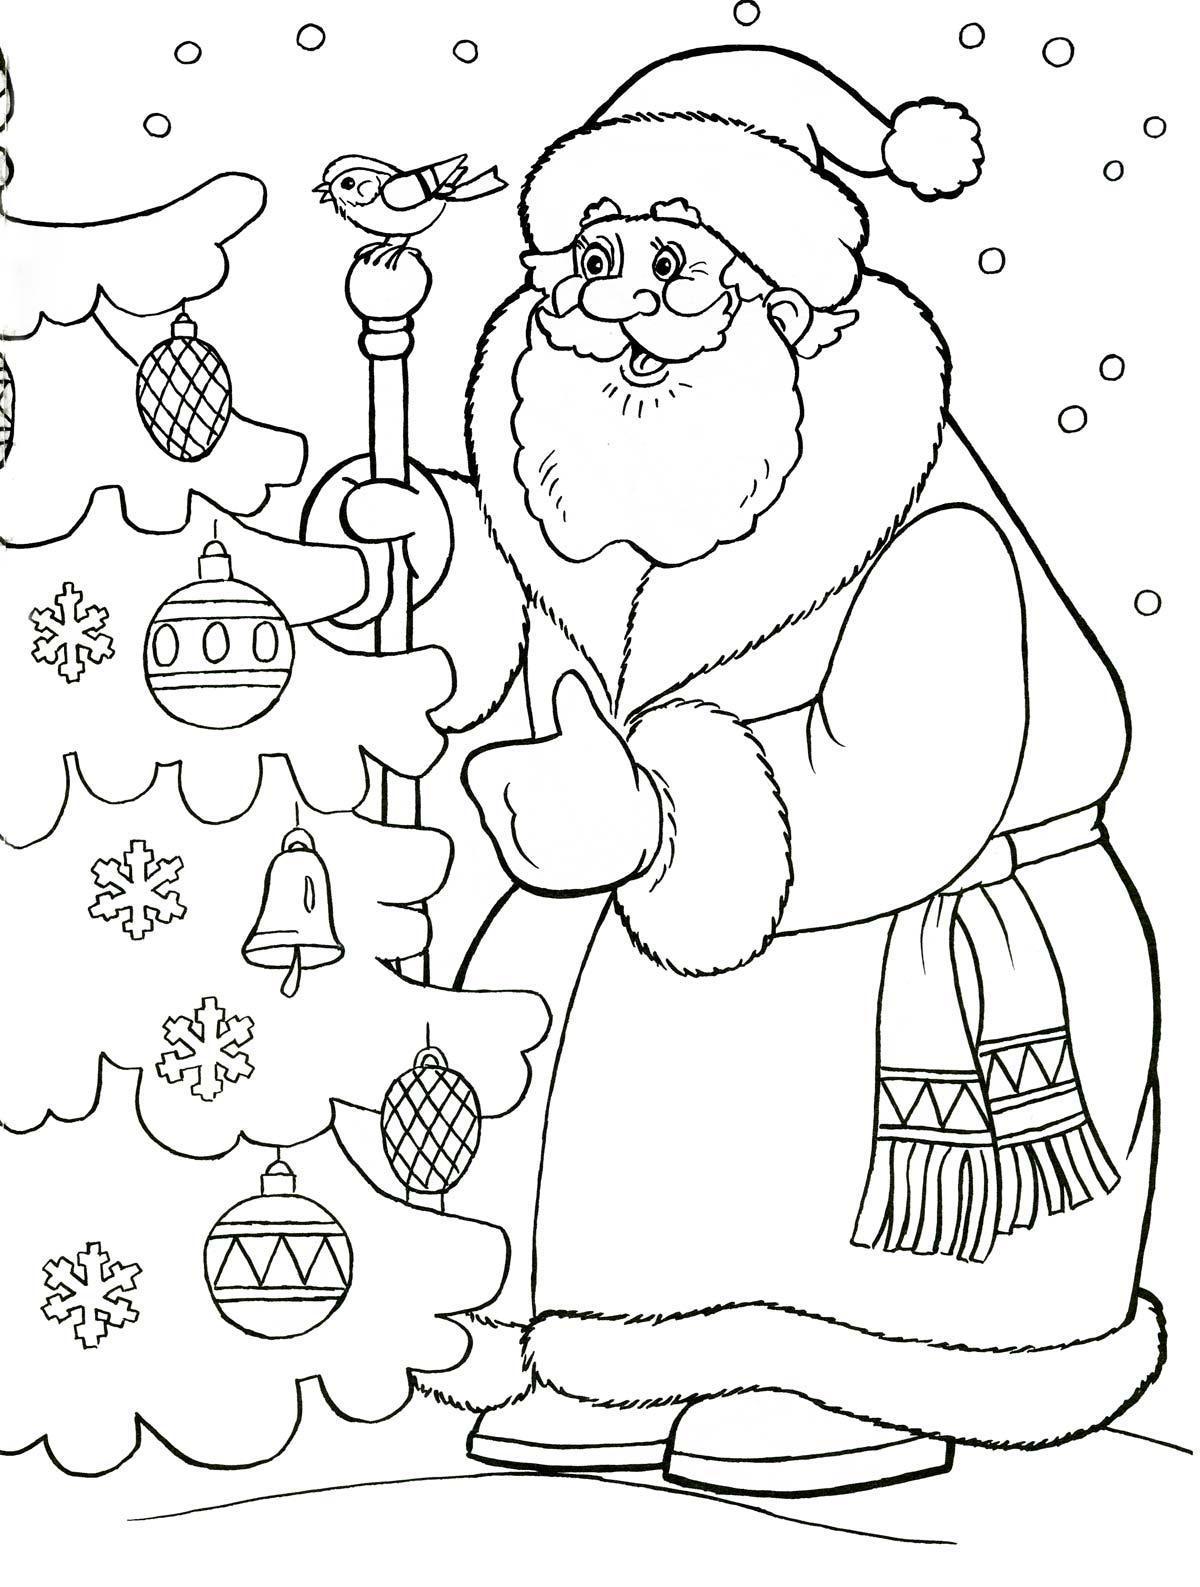 Картинка Деда Мороза для детей раскраска